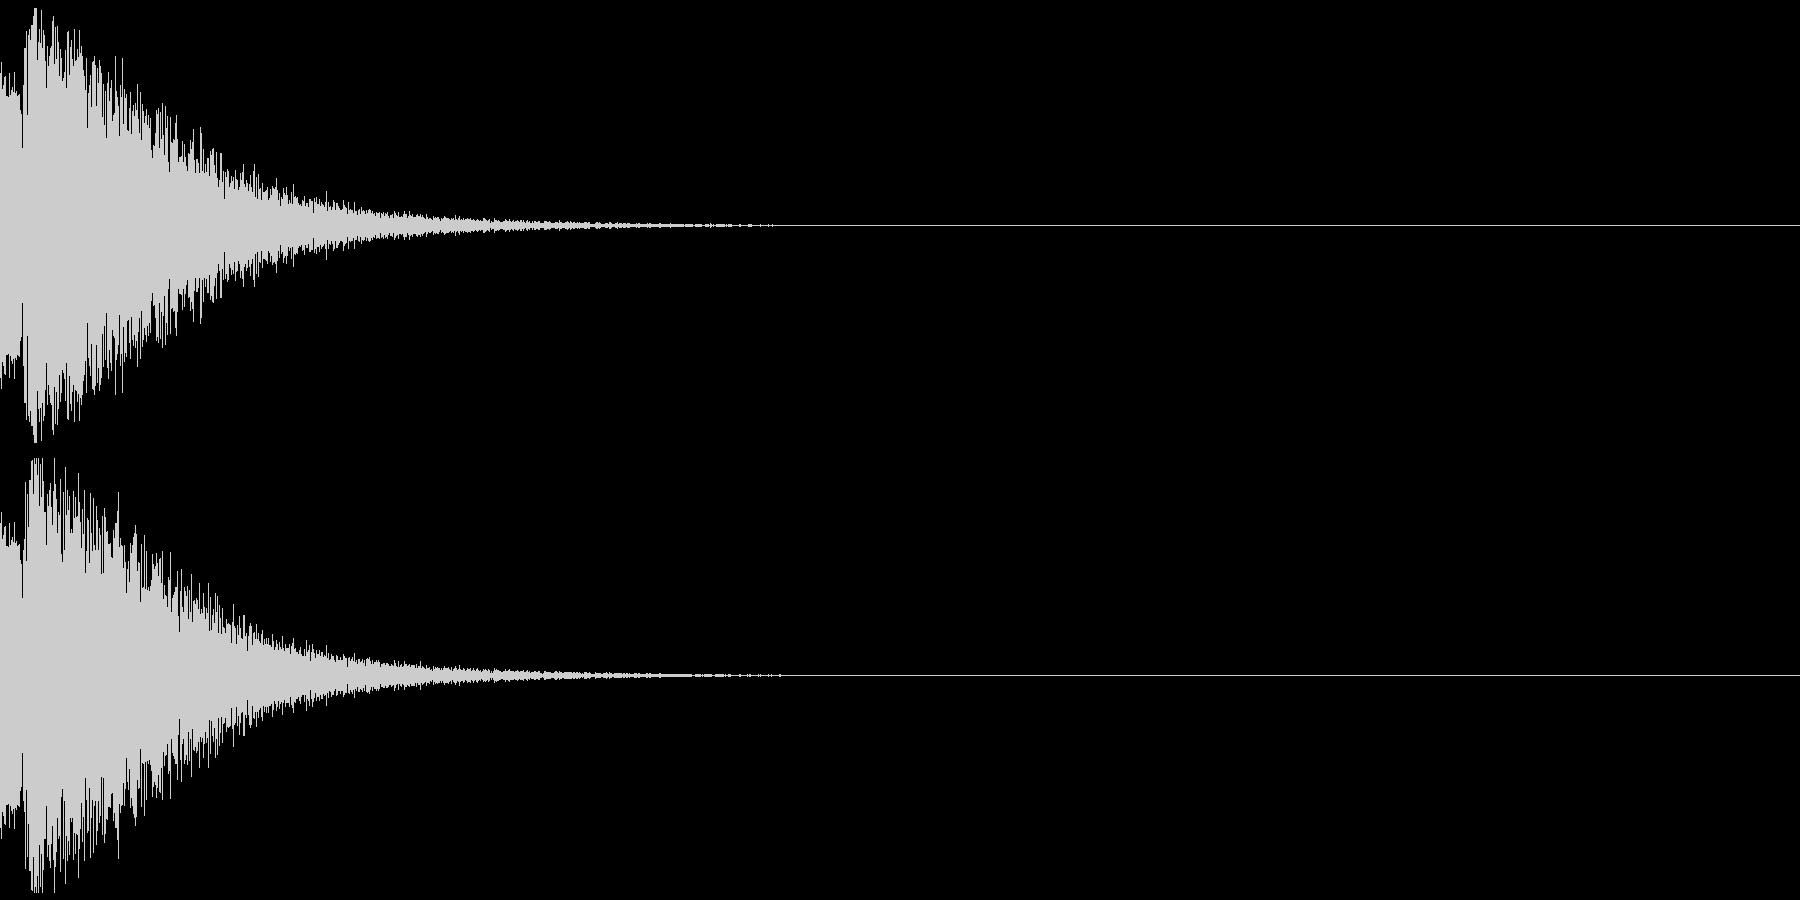 ピュルルルー ゲームオーバー 不正解の未再生の波形